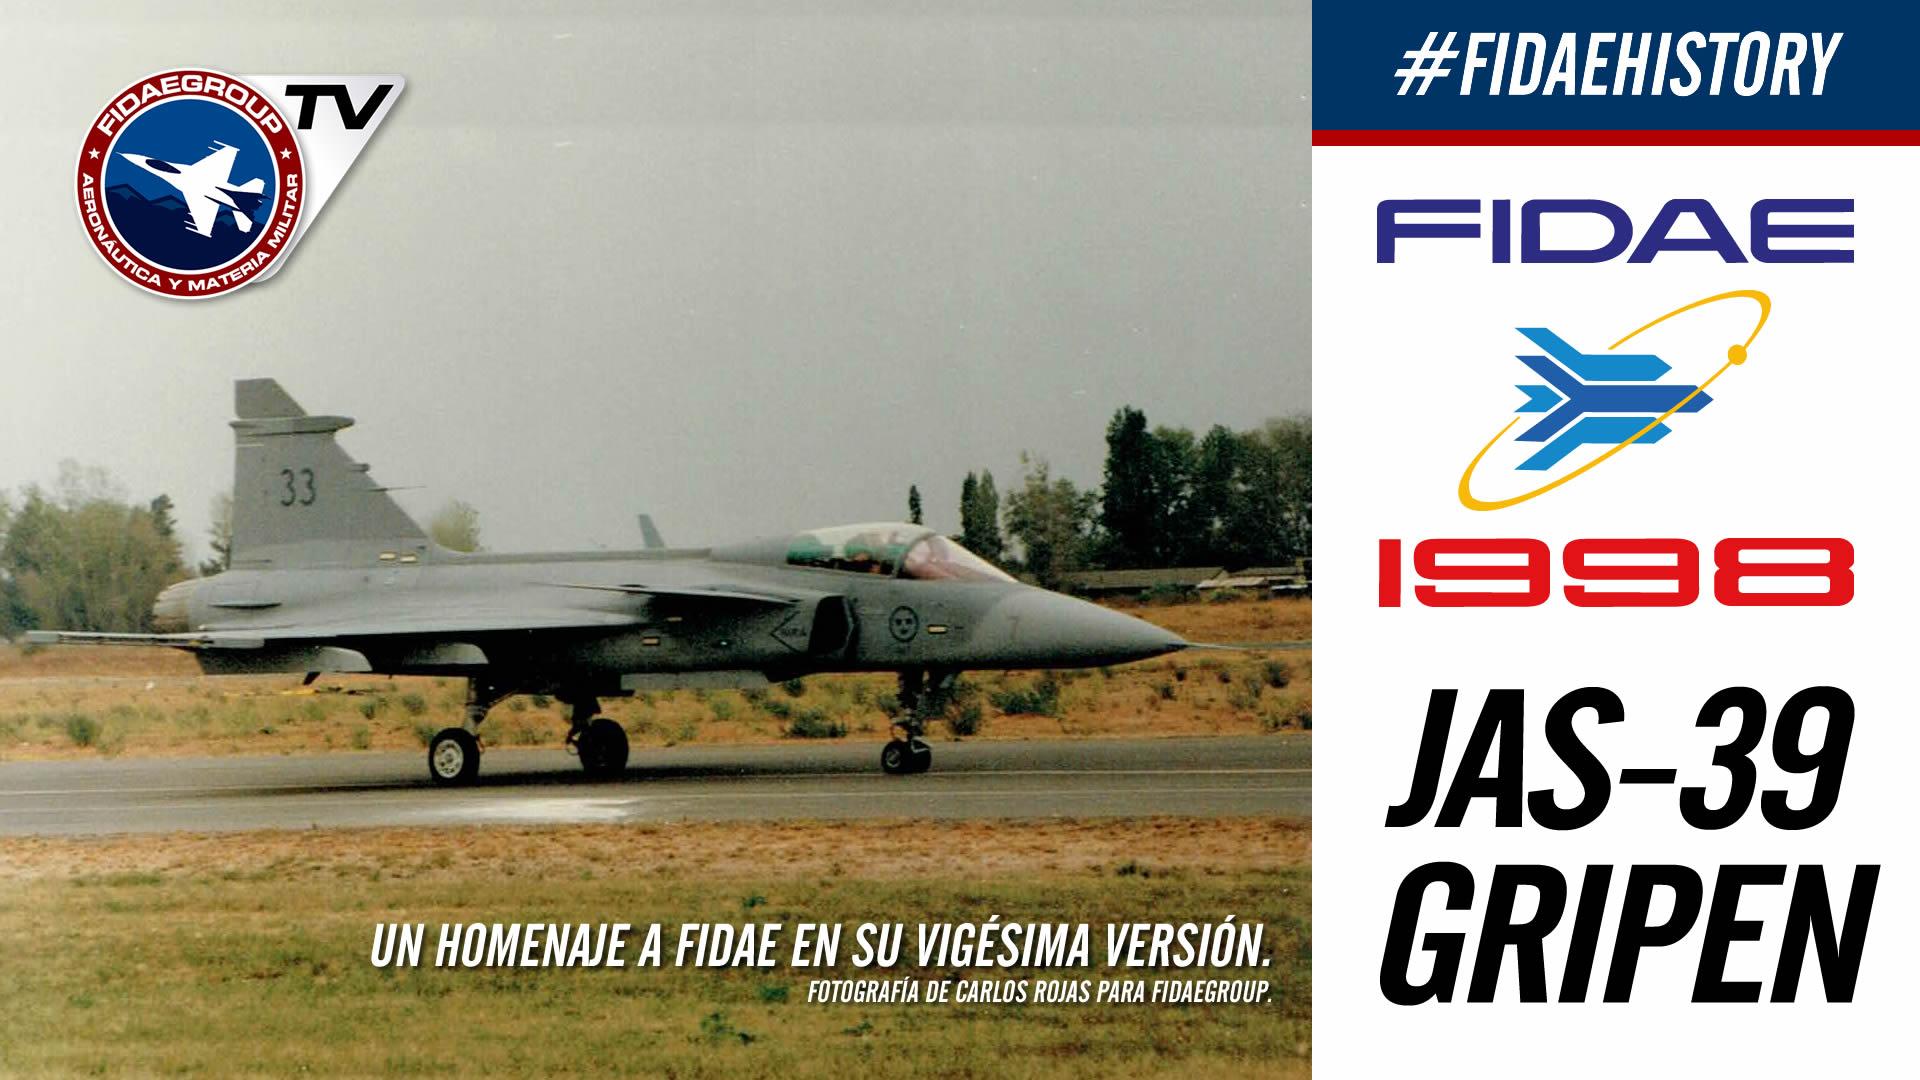 Demostración Saab Jas-39 Gripen en FIDAE 1998, Proyecto F2000 FACH